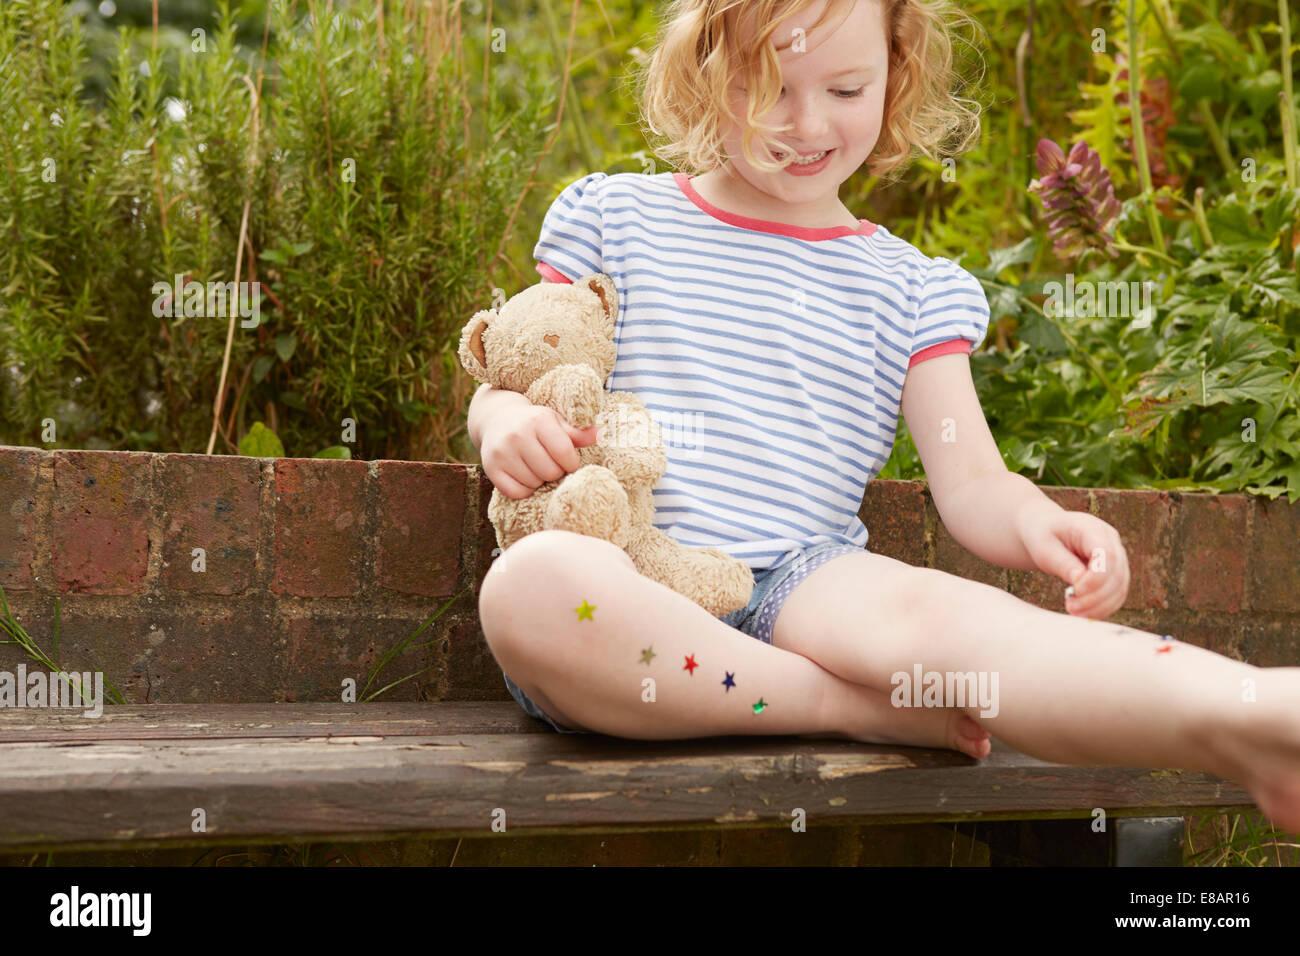 Chica pegada estrellas en las piernas sobre el asiento de jardín Foto de stock